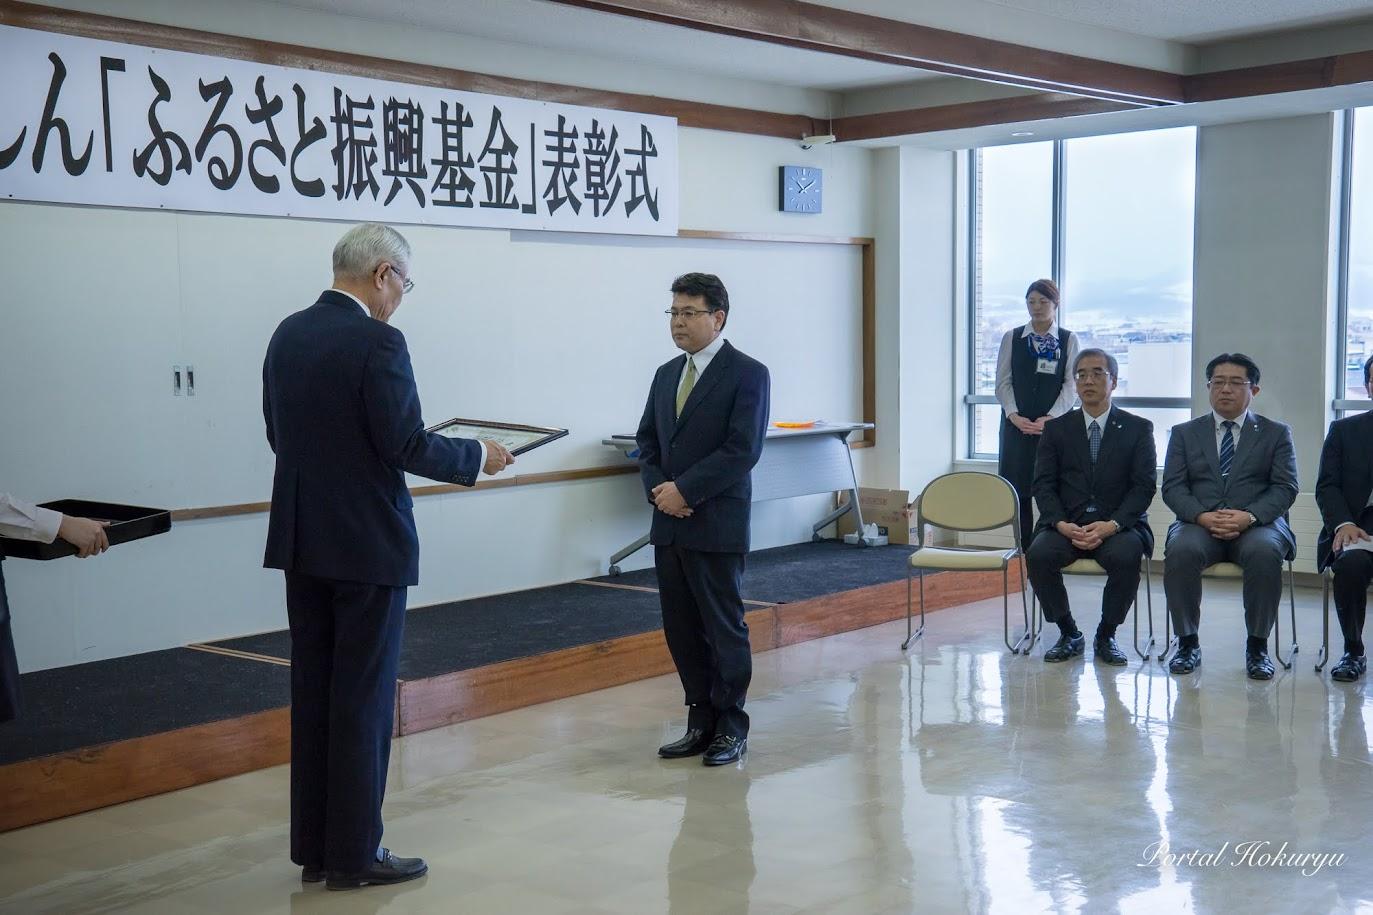 きたしん文化奨励賞:夢プロジェクト実行委員会 様